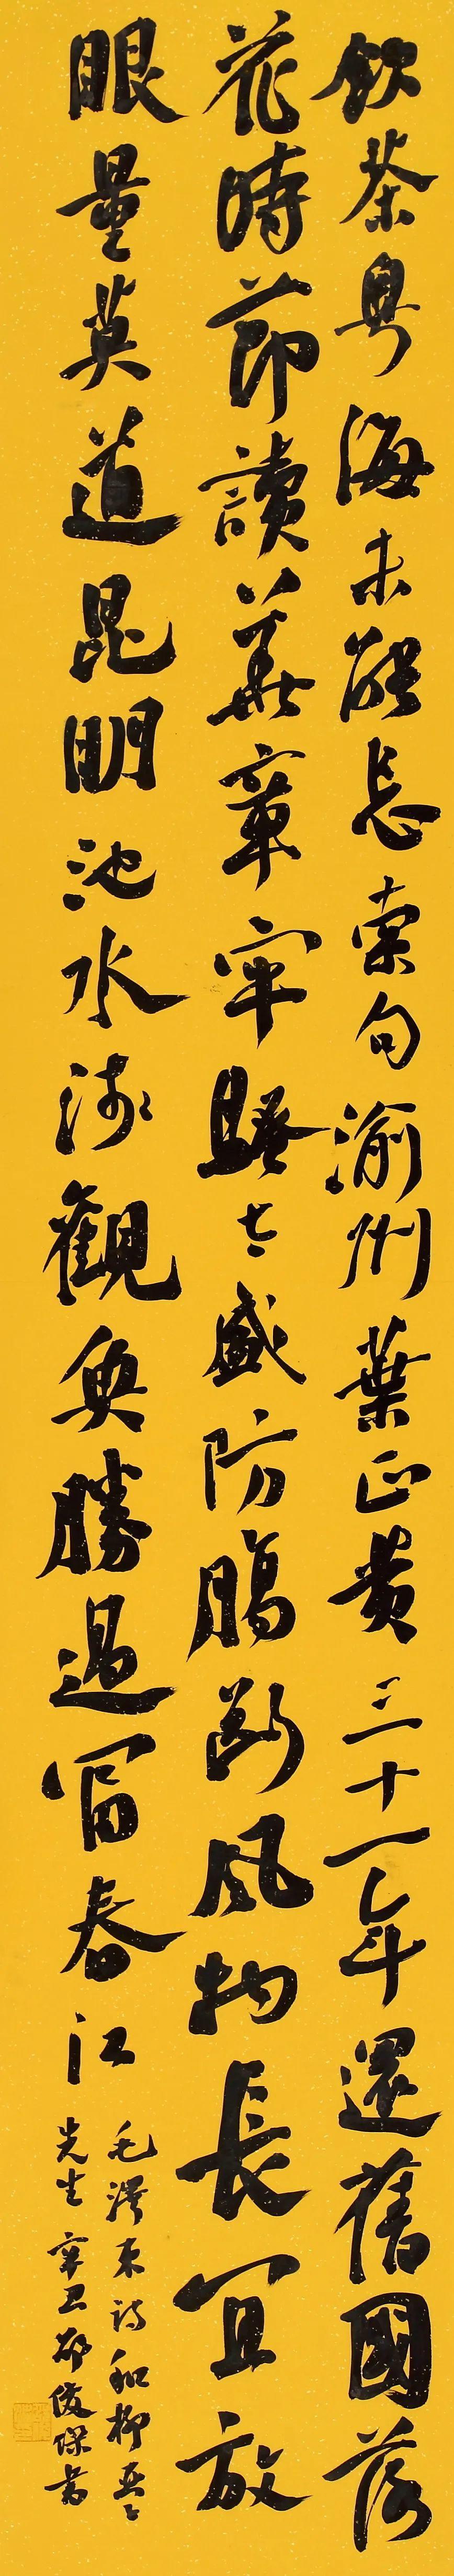 中国书法家协会会员、广东省书法家协会会员、广州市书法家协会会员邵俊杰